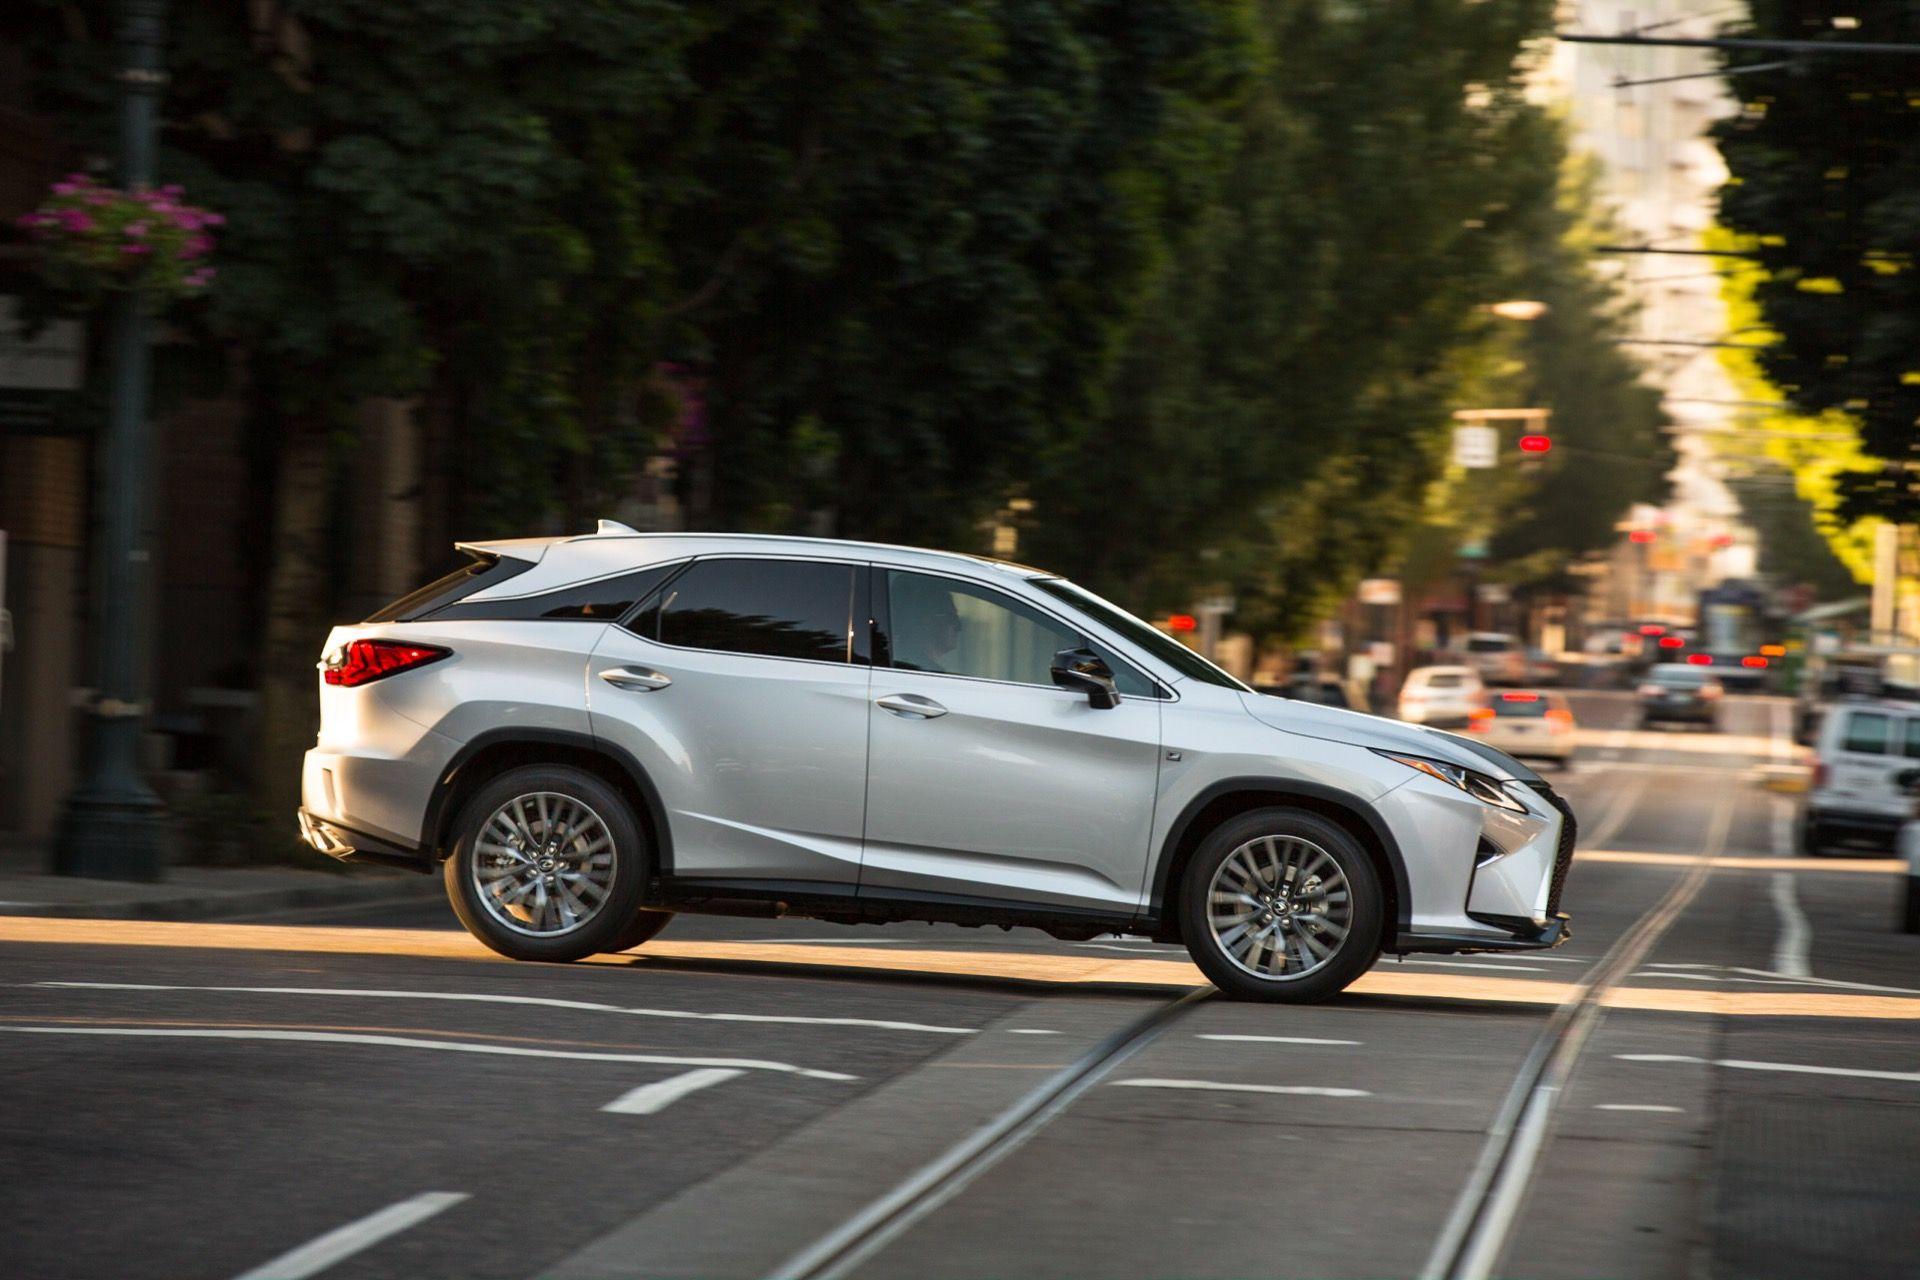 f cars rx speed lexus top sport